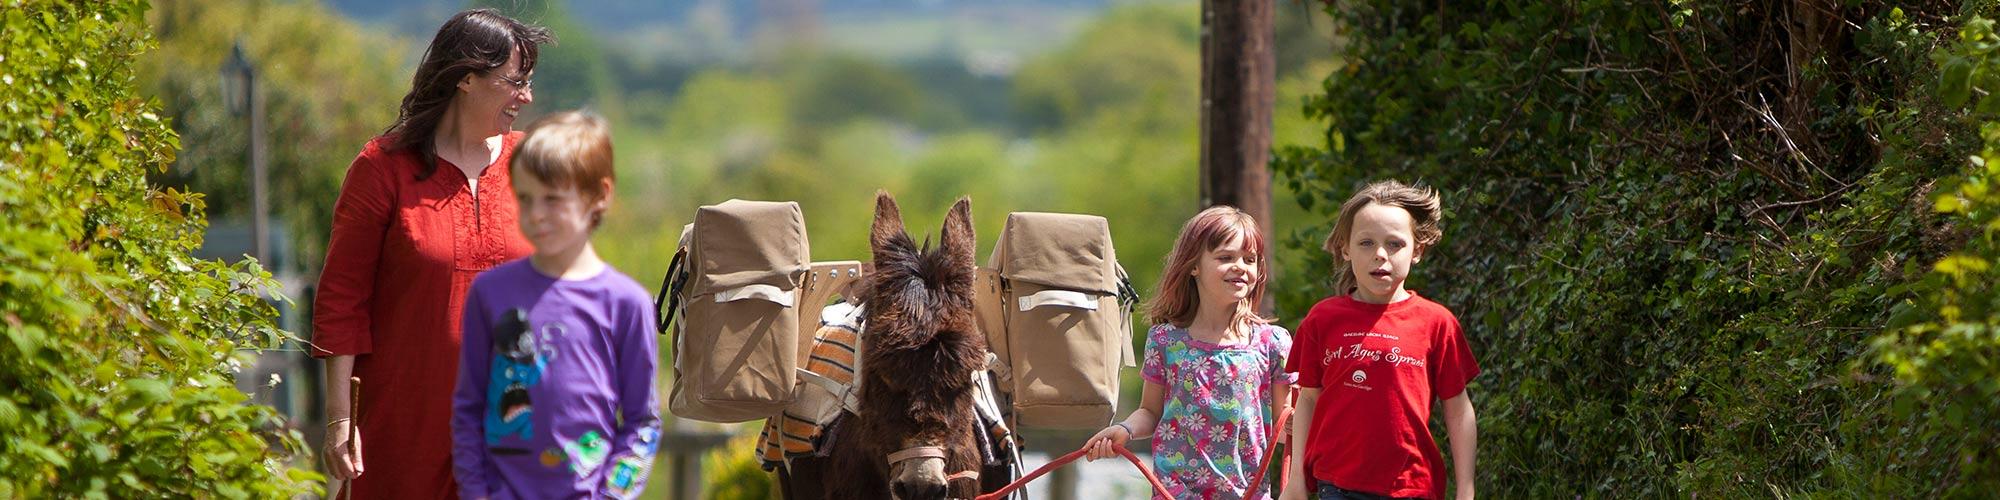 kids walking donkey holiday